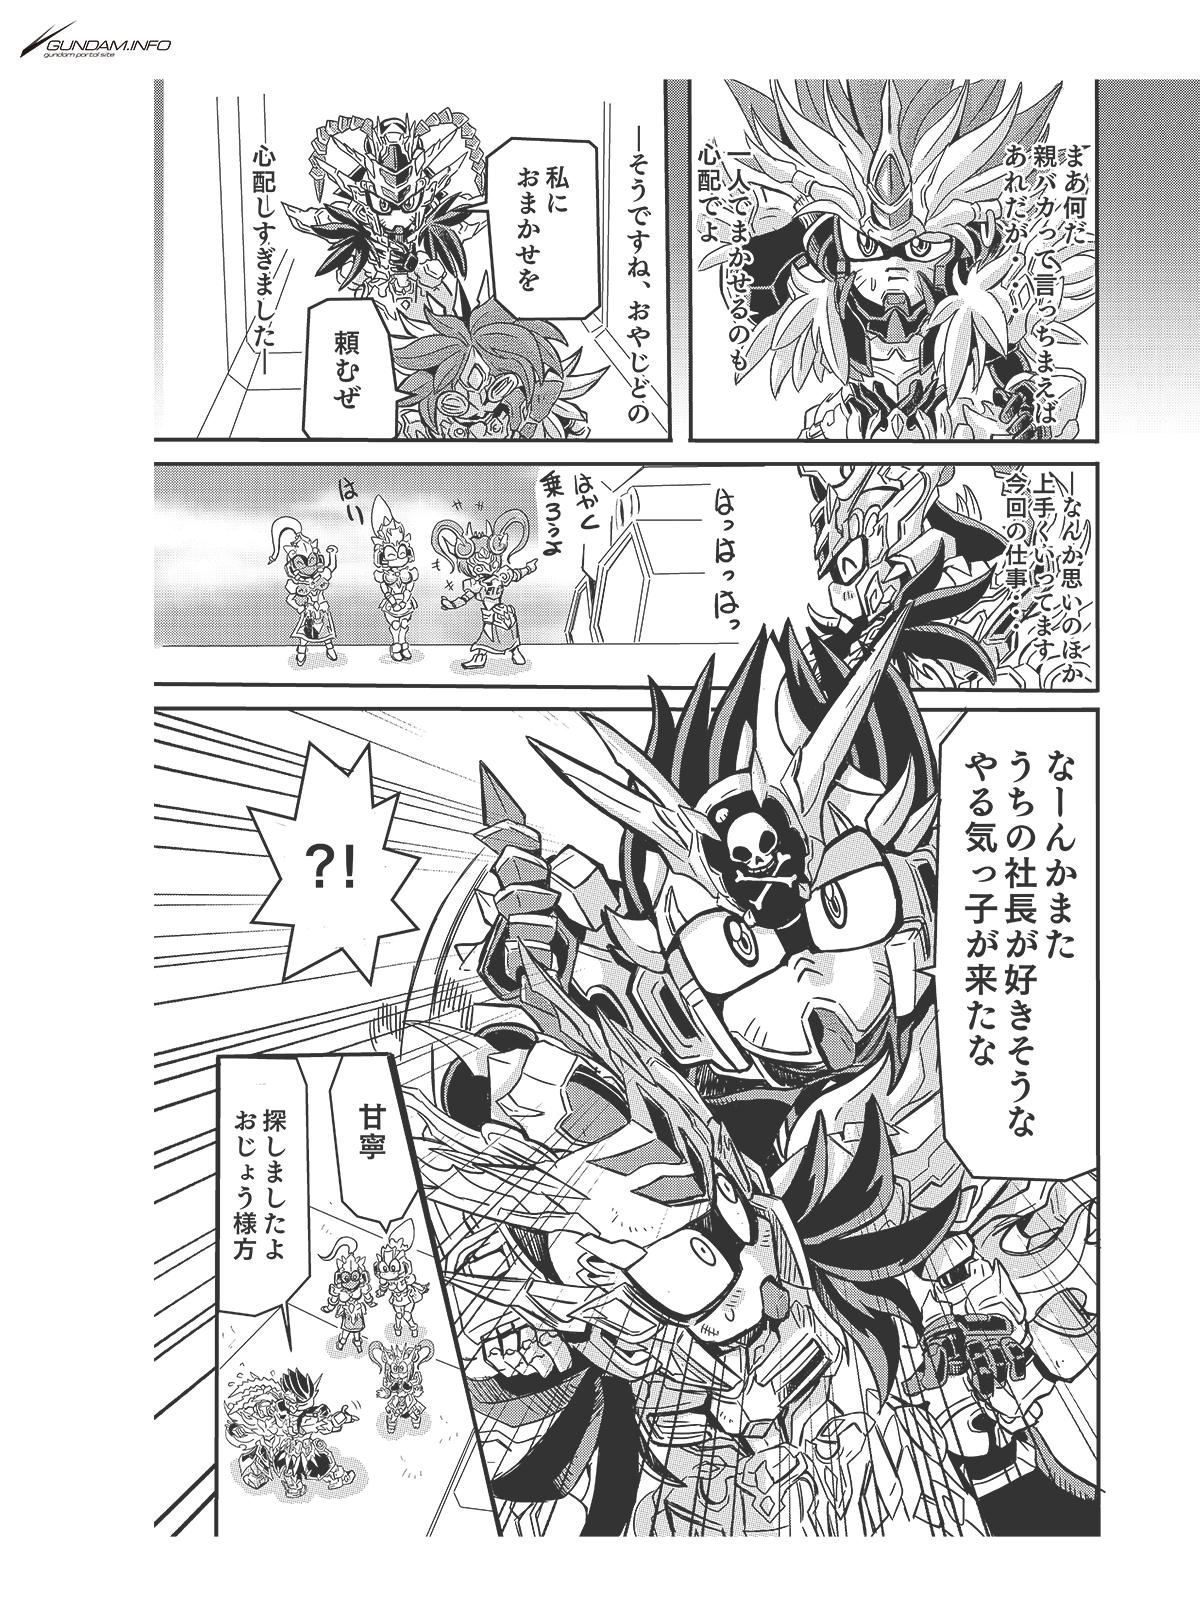 SDガンダムワールド 三国創傑伝 焔虎譚 第5話 P9